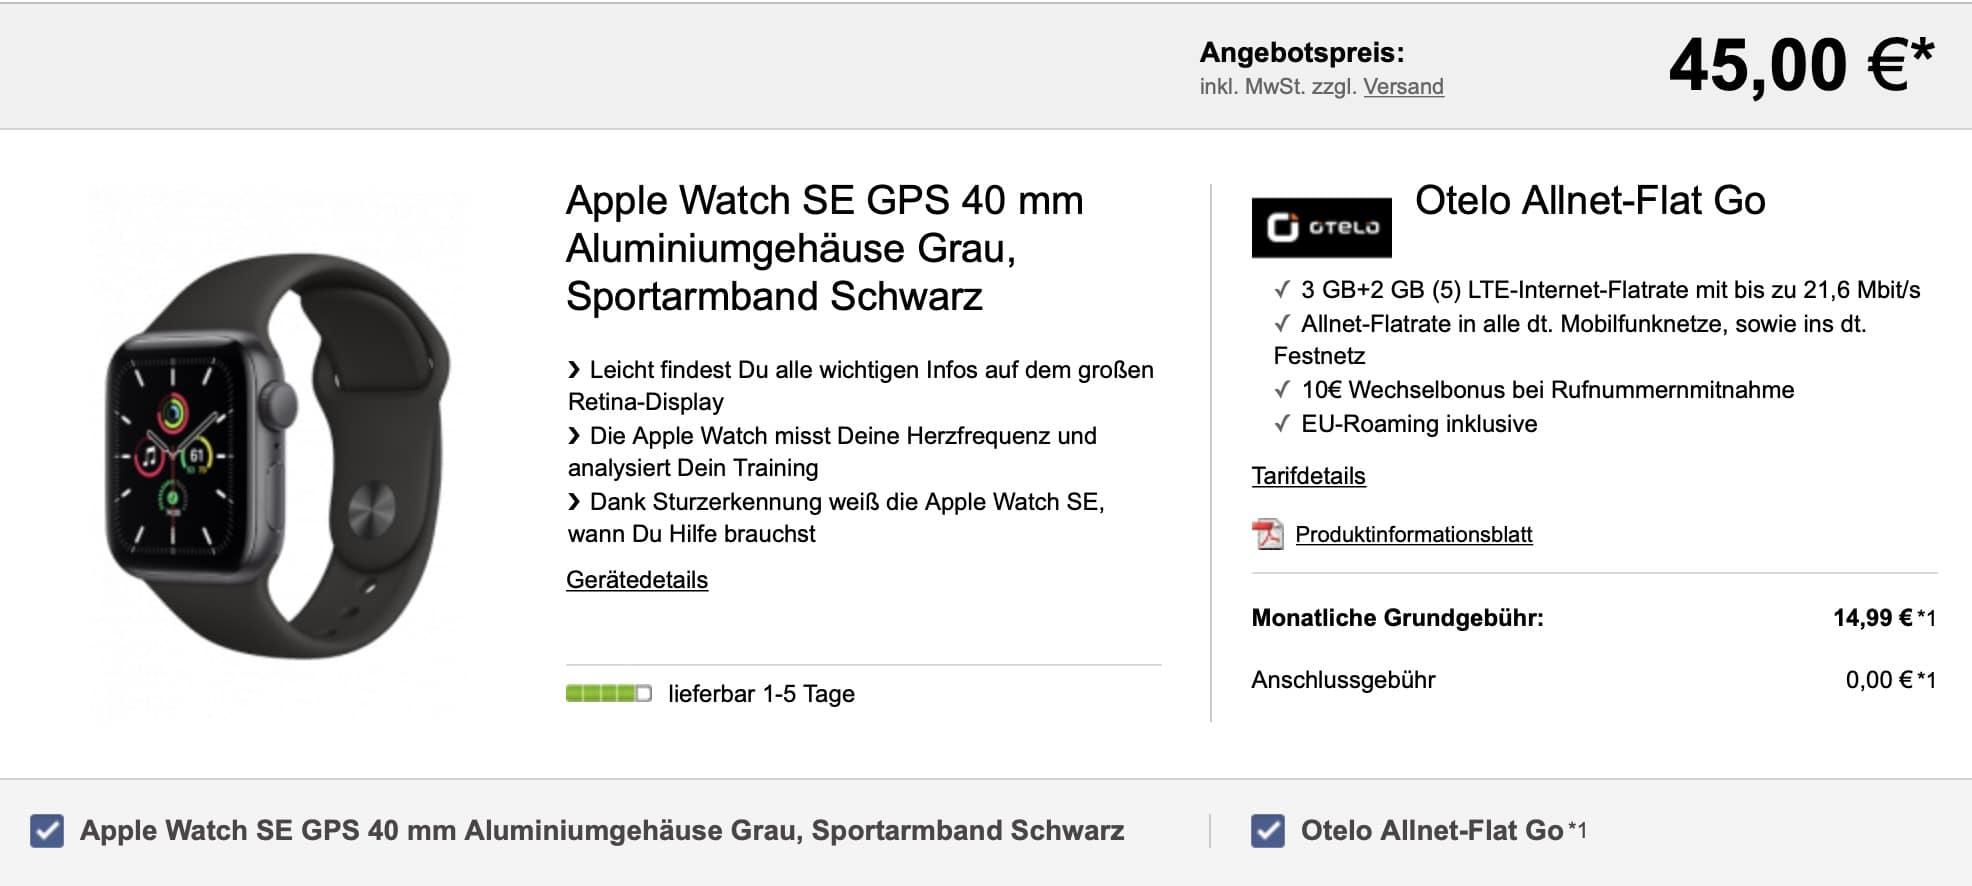 Apple Watch SE Otelo